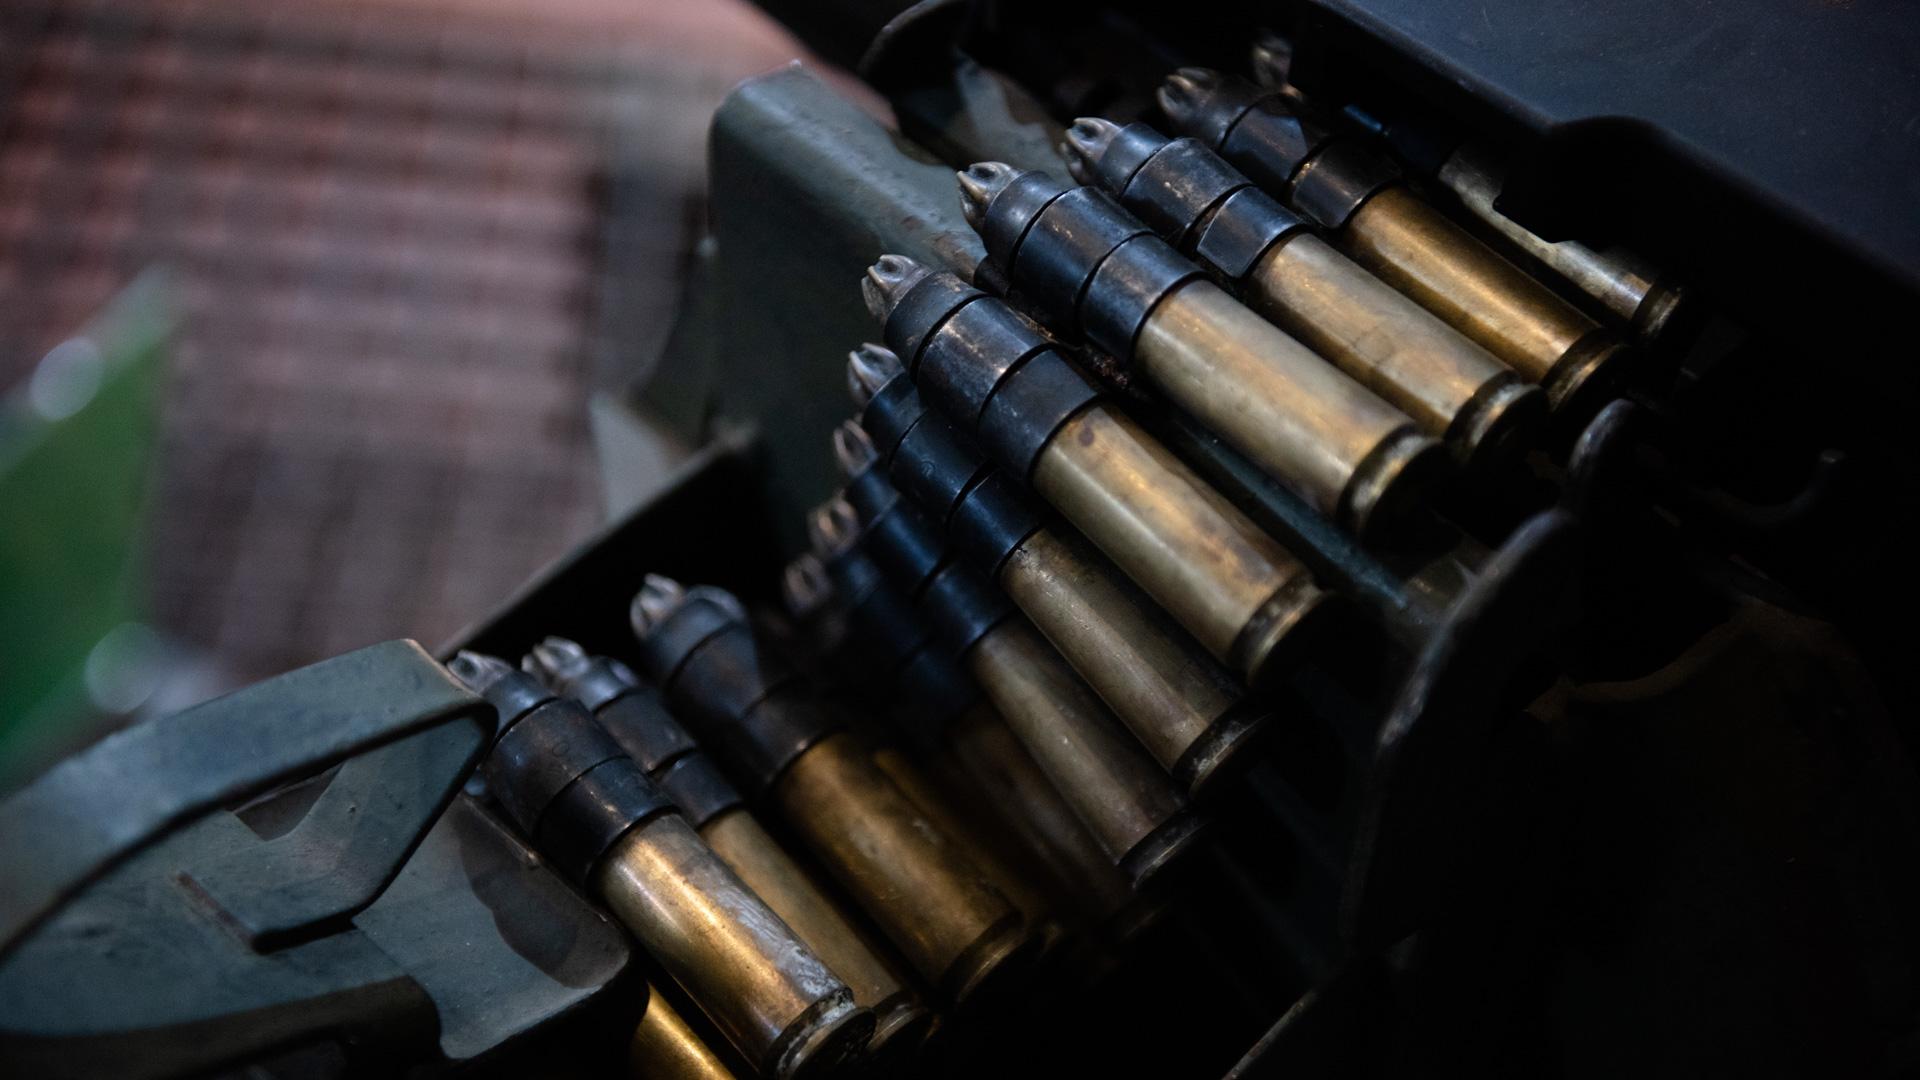 Detalle del sistema de aprovisionamiento de municiones de la ametralladora pesada utilizada en Malvinas